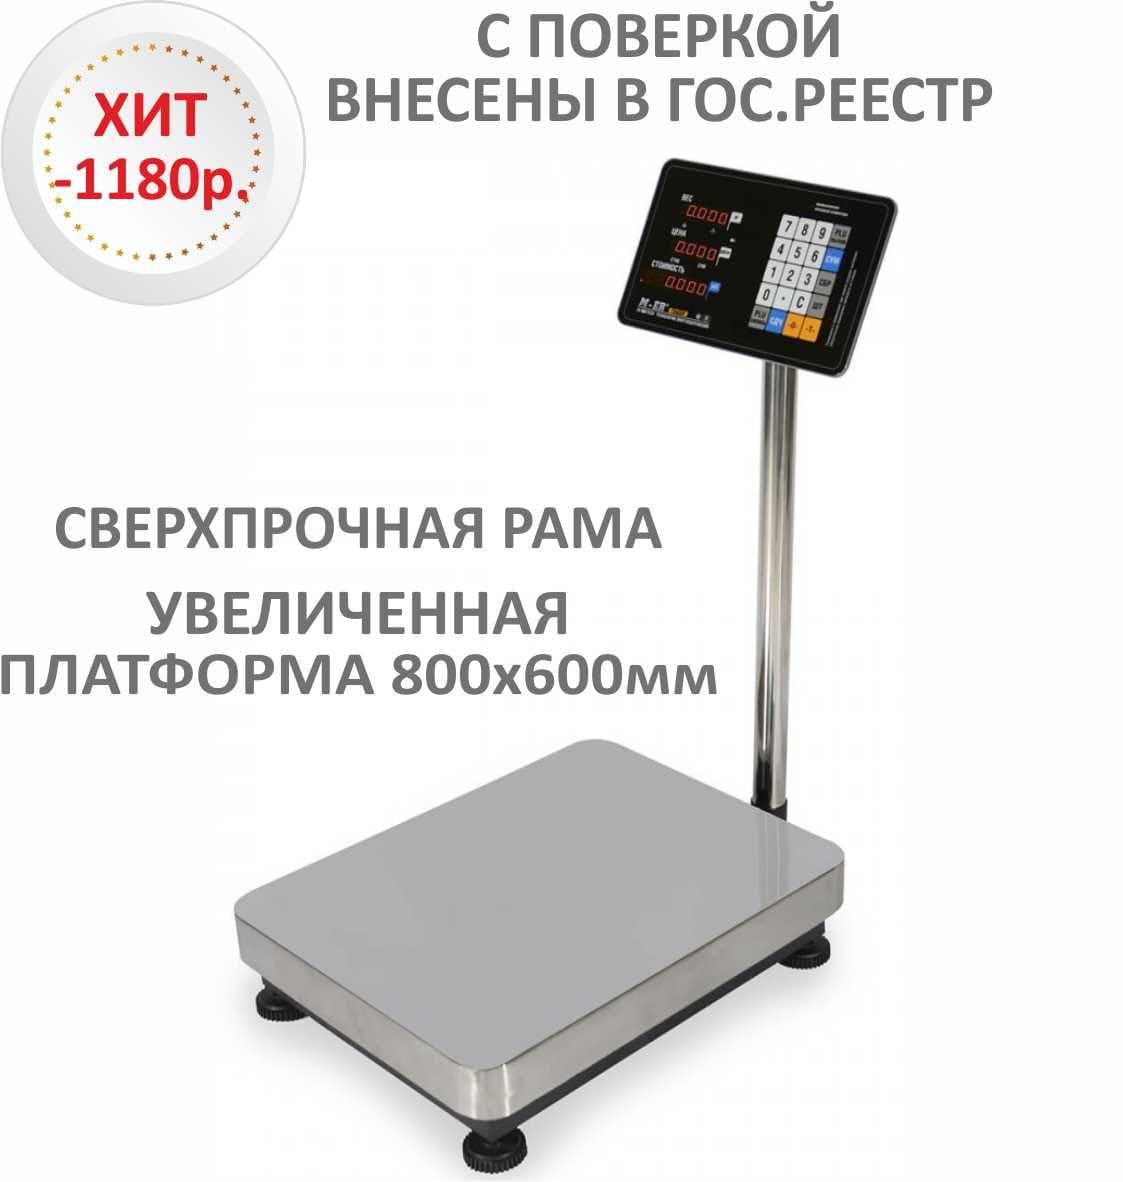 Весы торговые напольные M-ER 333ACLP-150.50/300.100/600.200 TRADER LCD/LED - вид спереди под углом